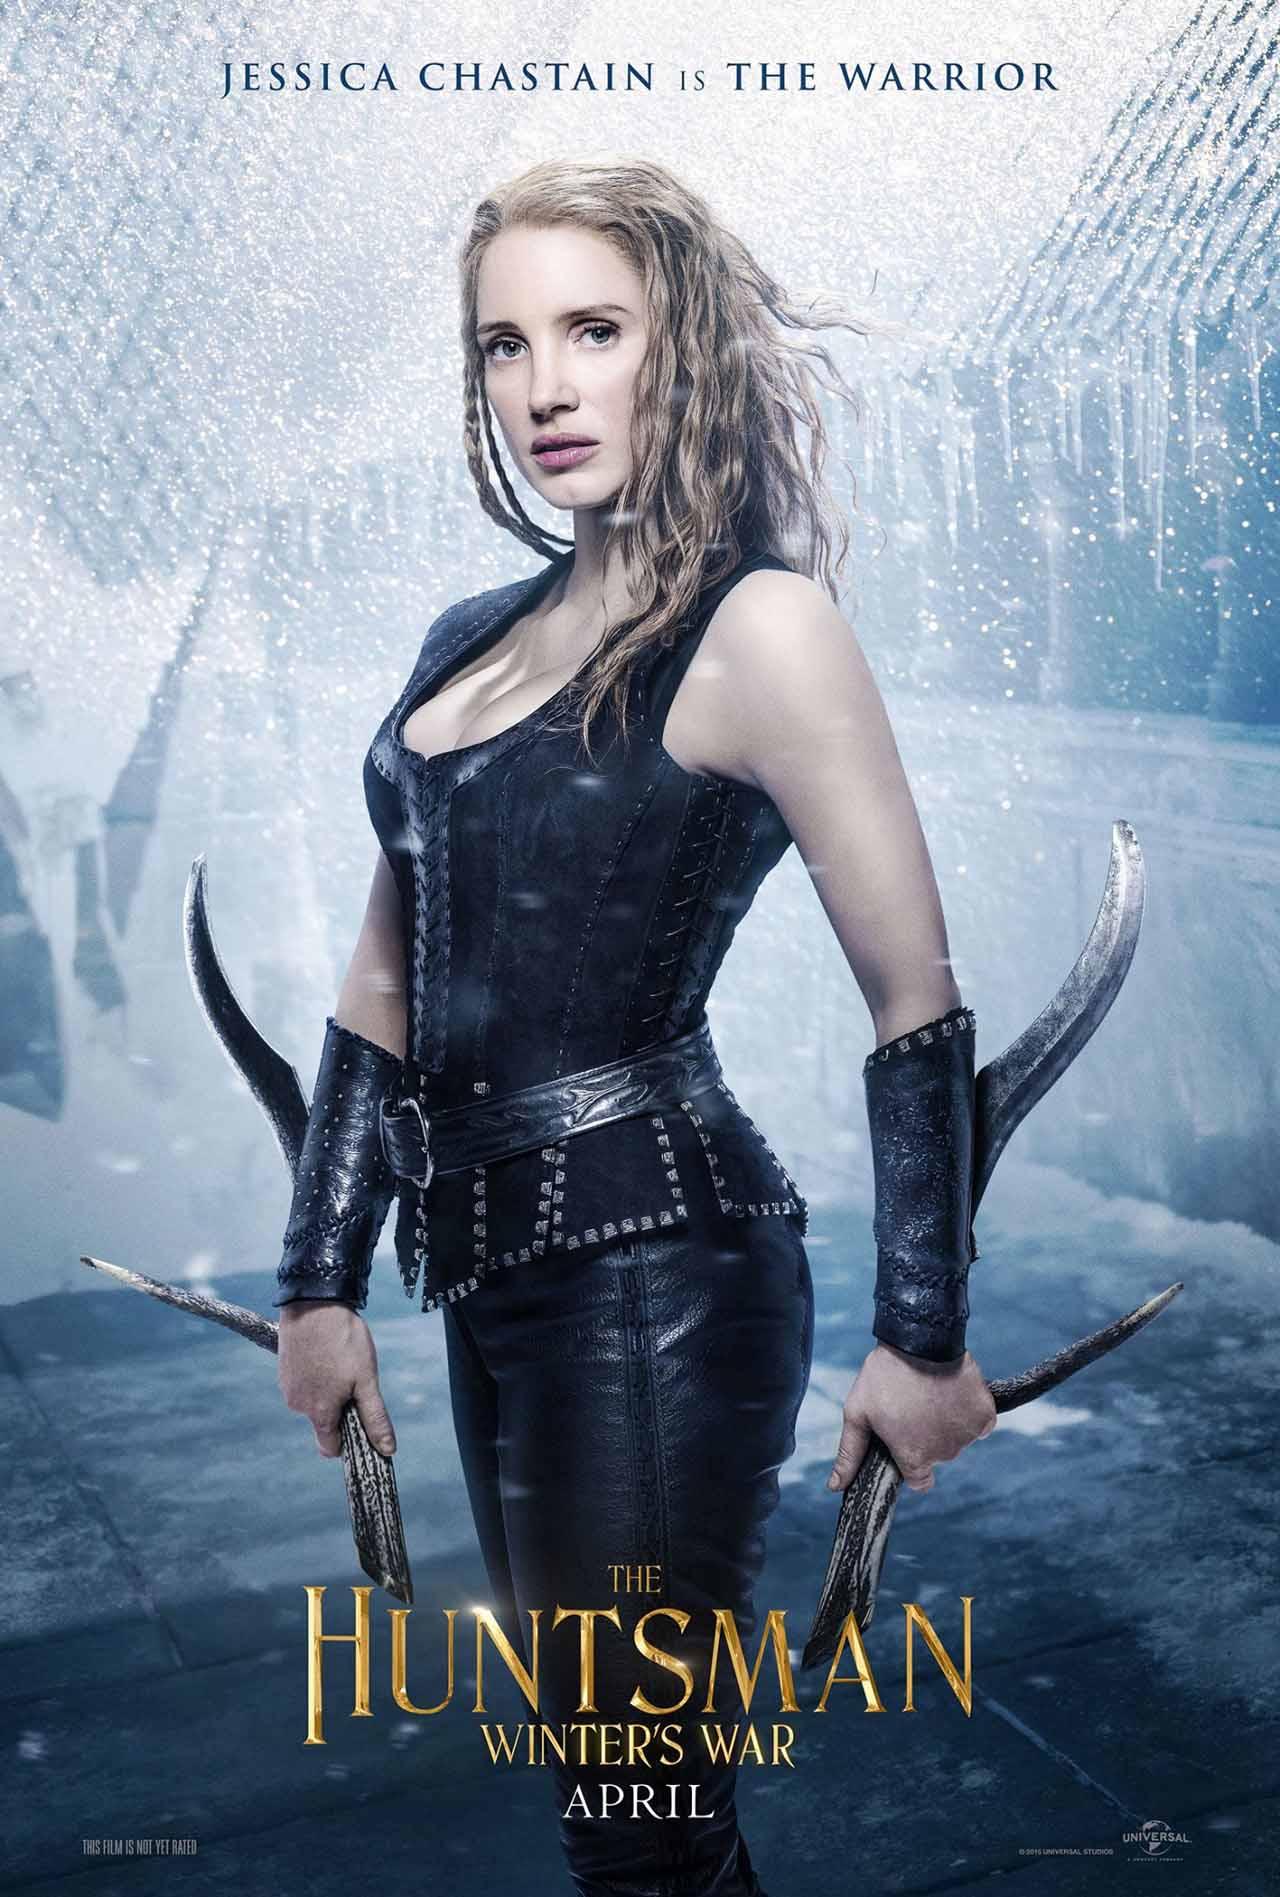 The Huntsman Winter's War: il character poster dedicato alla guerriera interpretata da Jessica Chastain